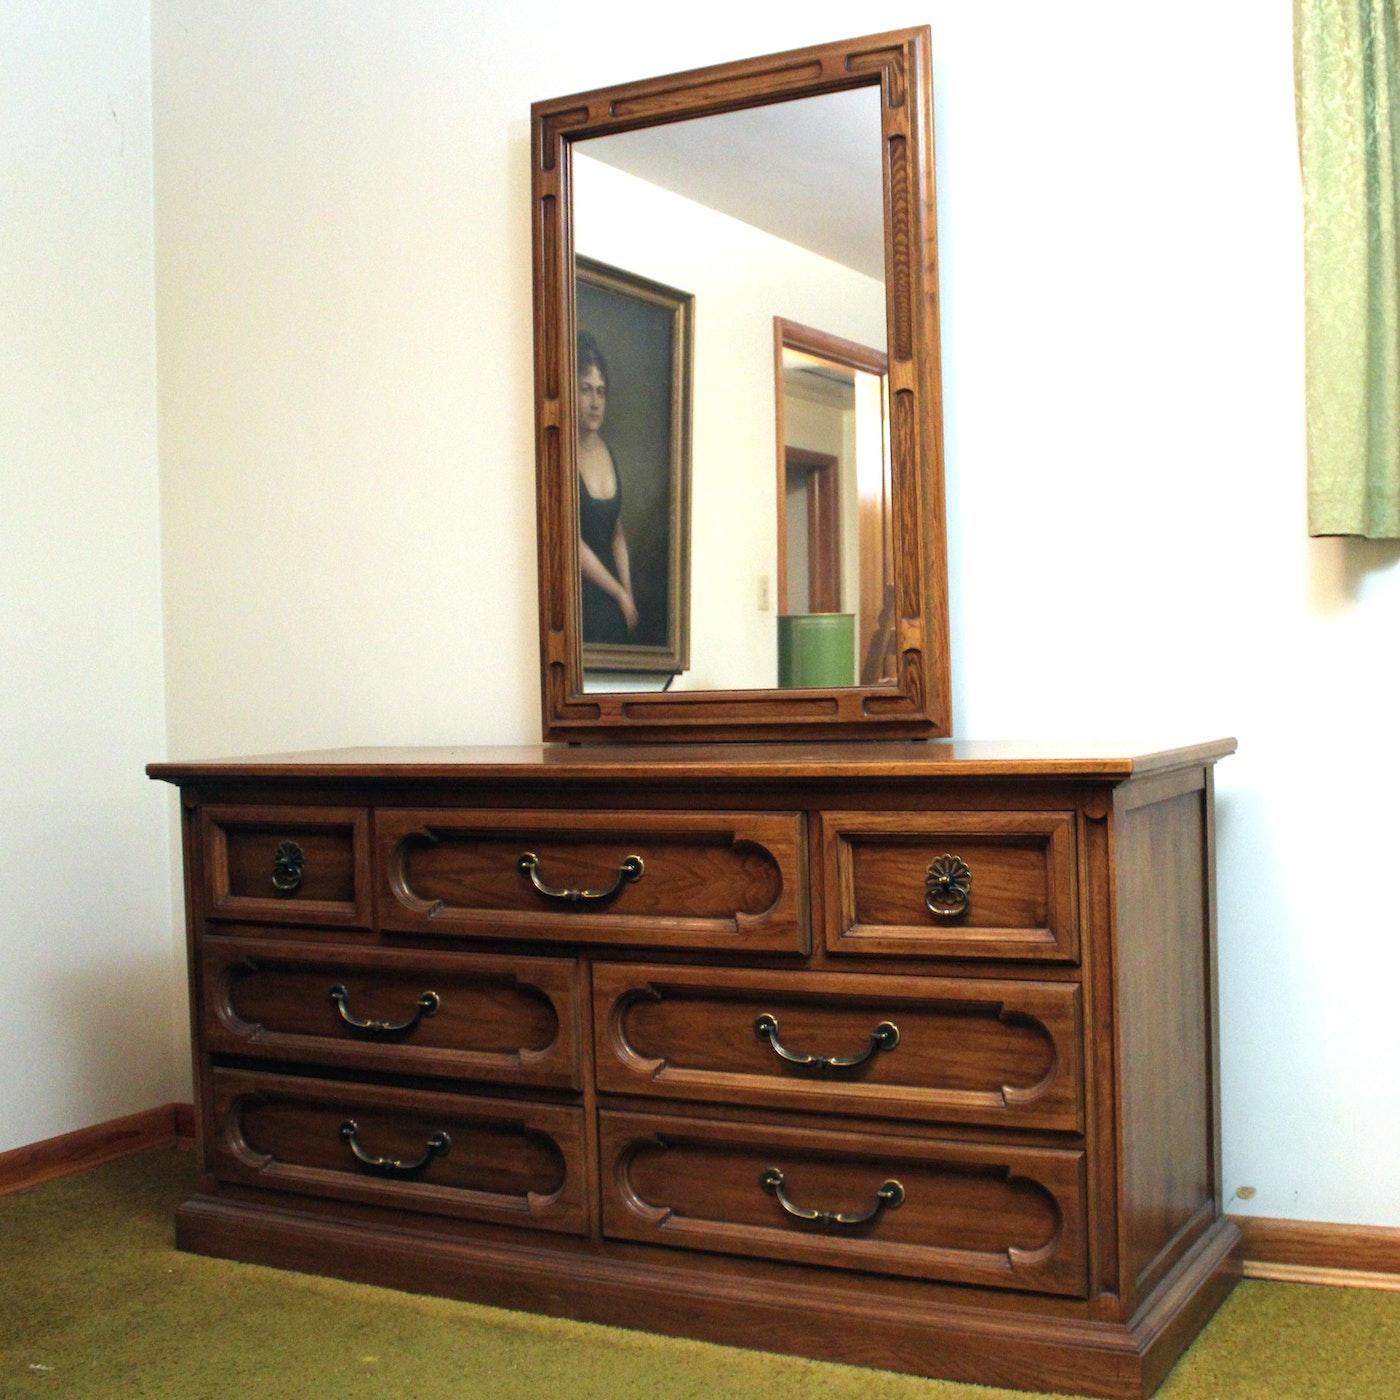 """Webb Furniture Dresser With Mirror: Vintage """"Unique Furniture Makers"""" Dresser With Mirror"""